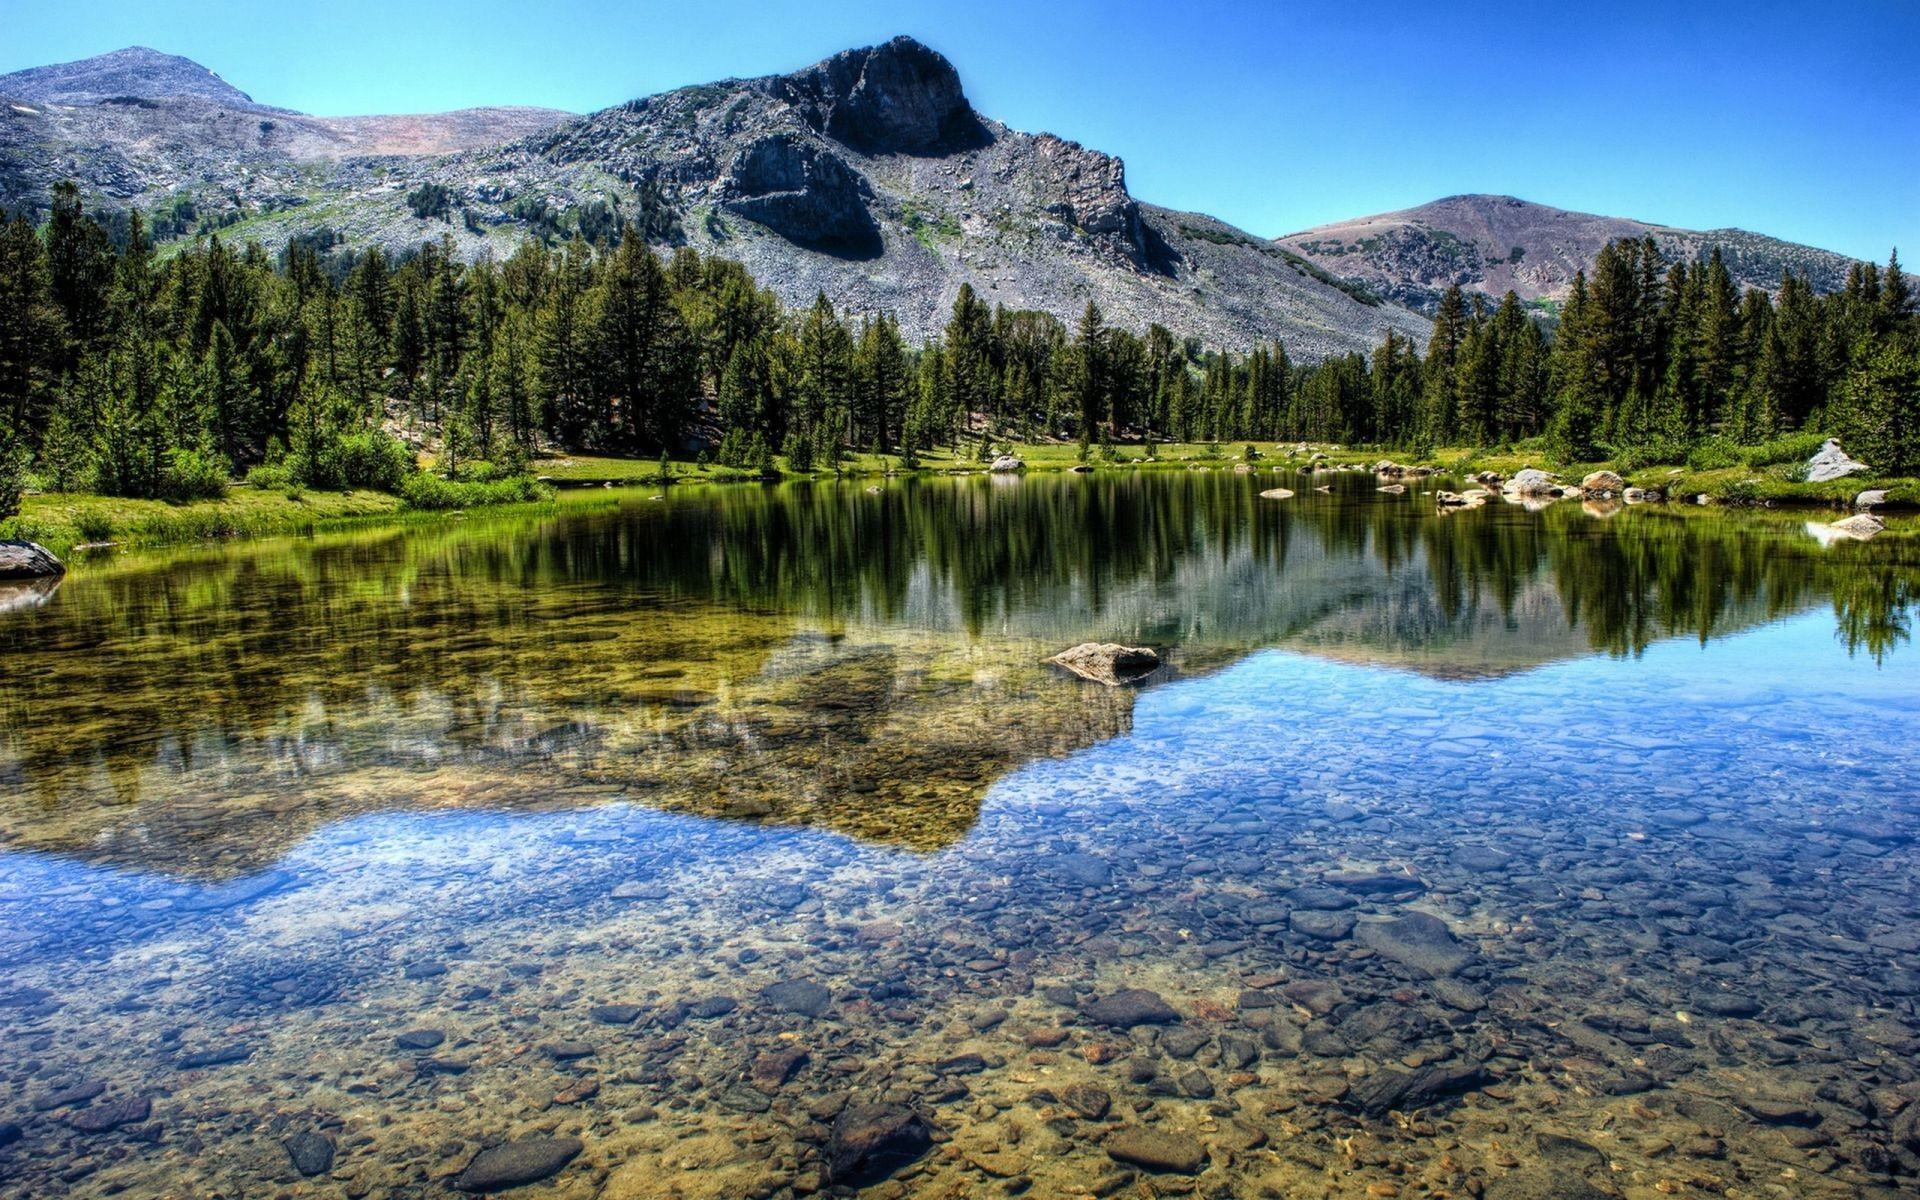 Горы лес река озеро пейзаж природа